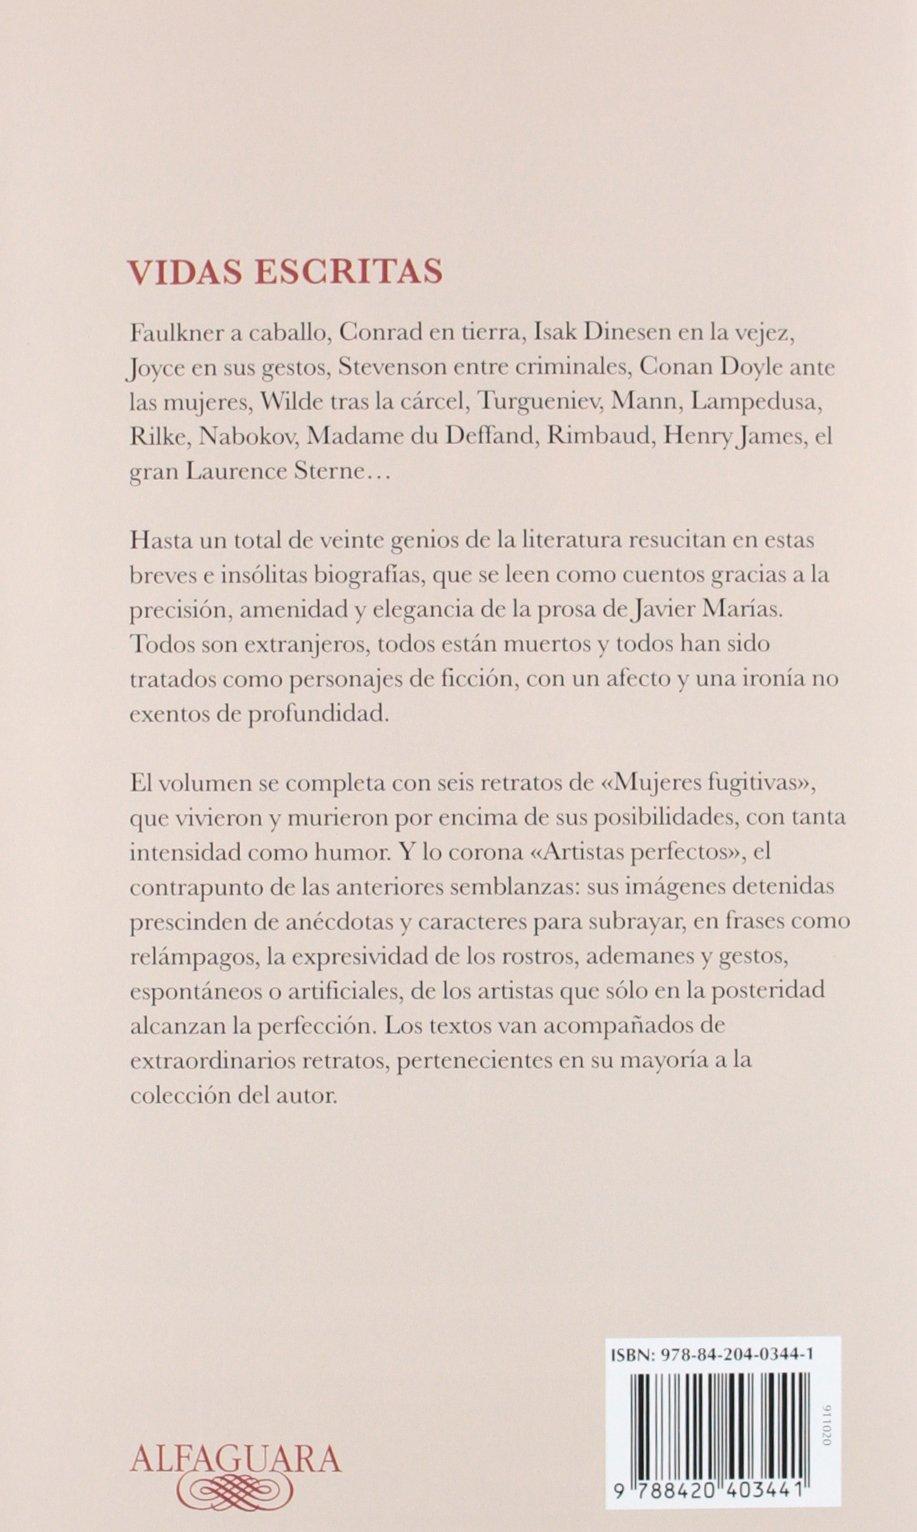 Vidas escritas (FUERA COLECCION ALFAGUARA ADULTOS): Amazon.es: Javier Marías: Libros